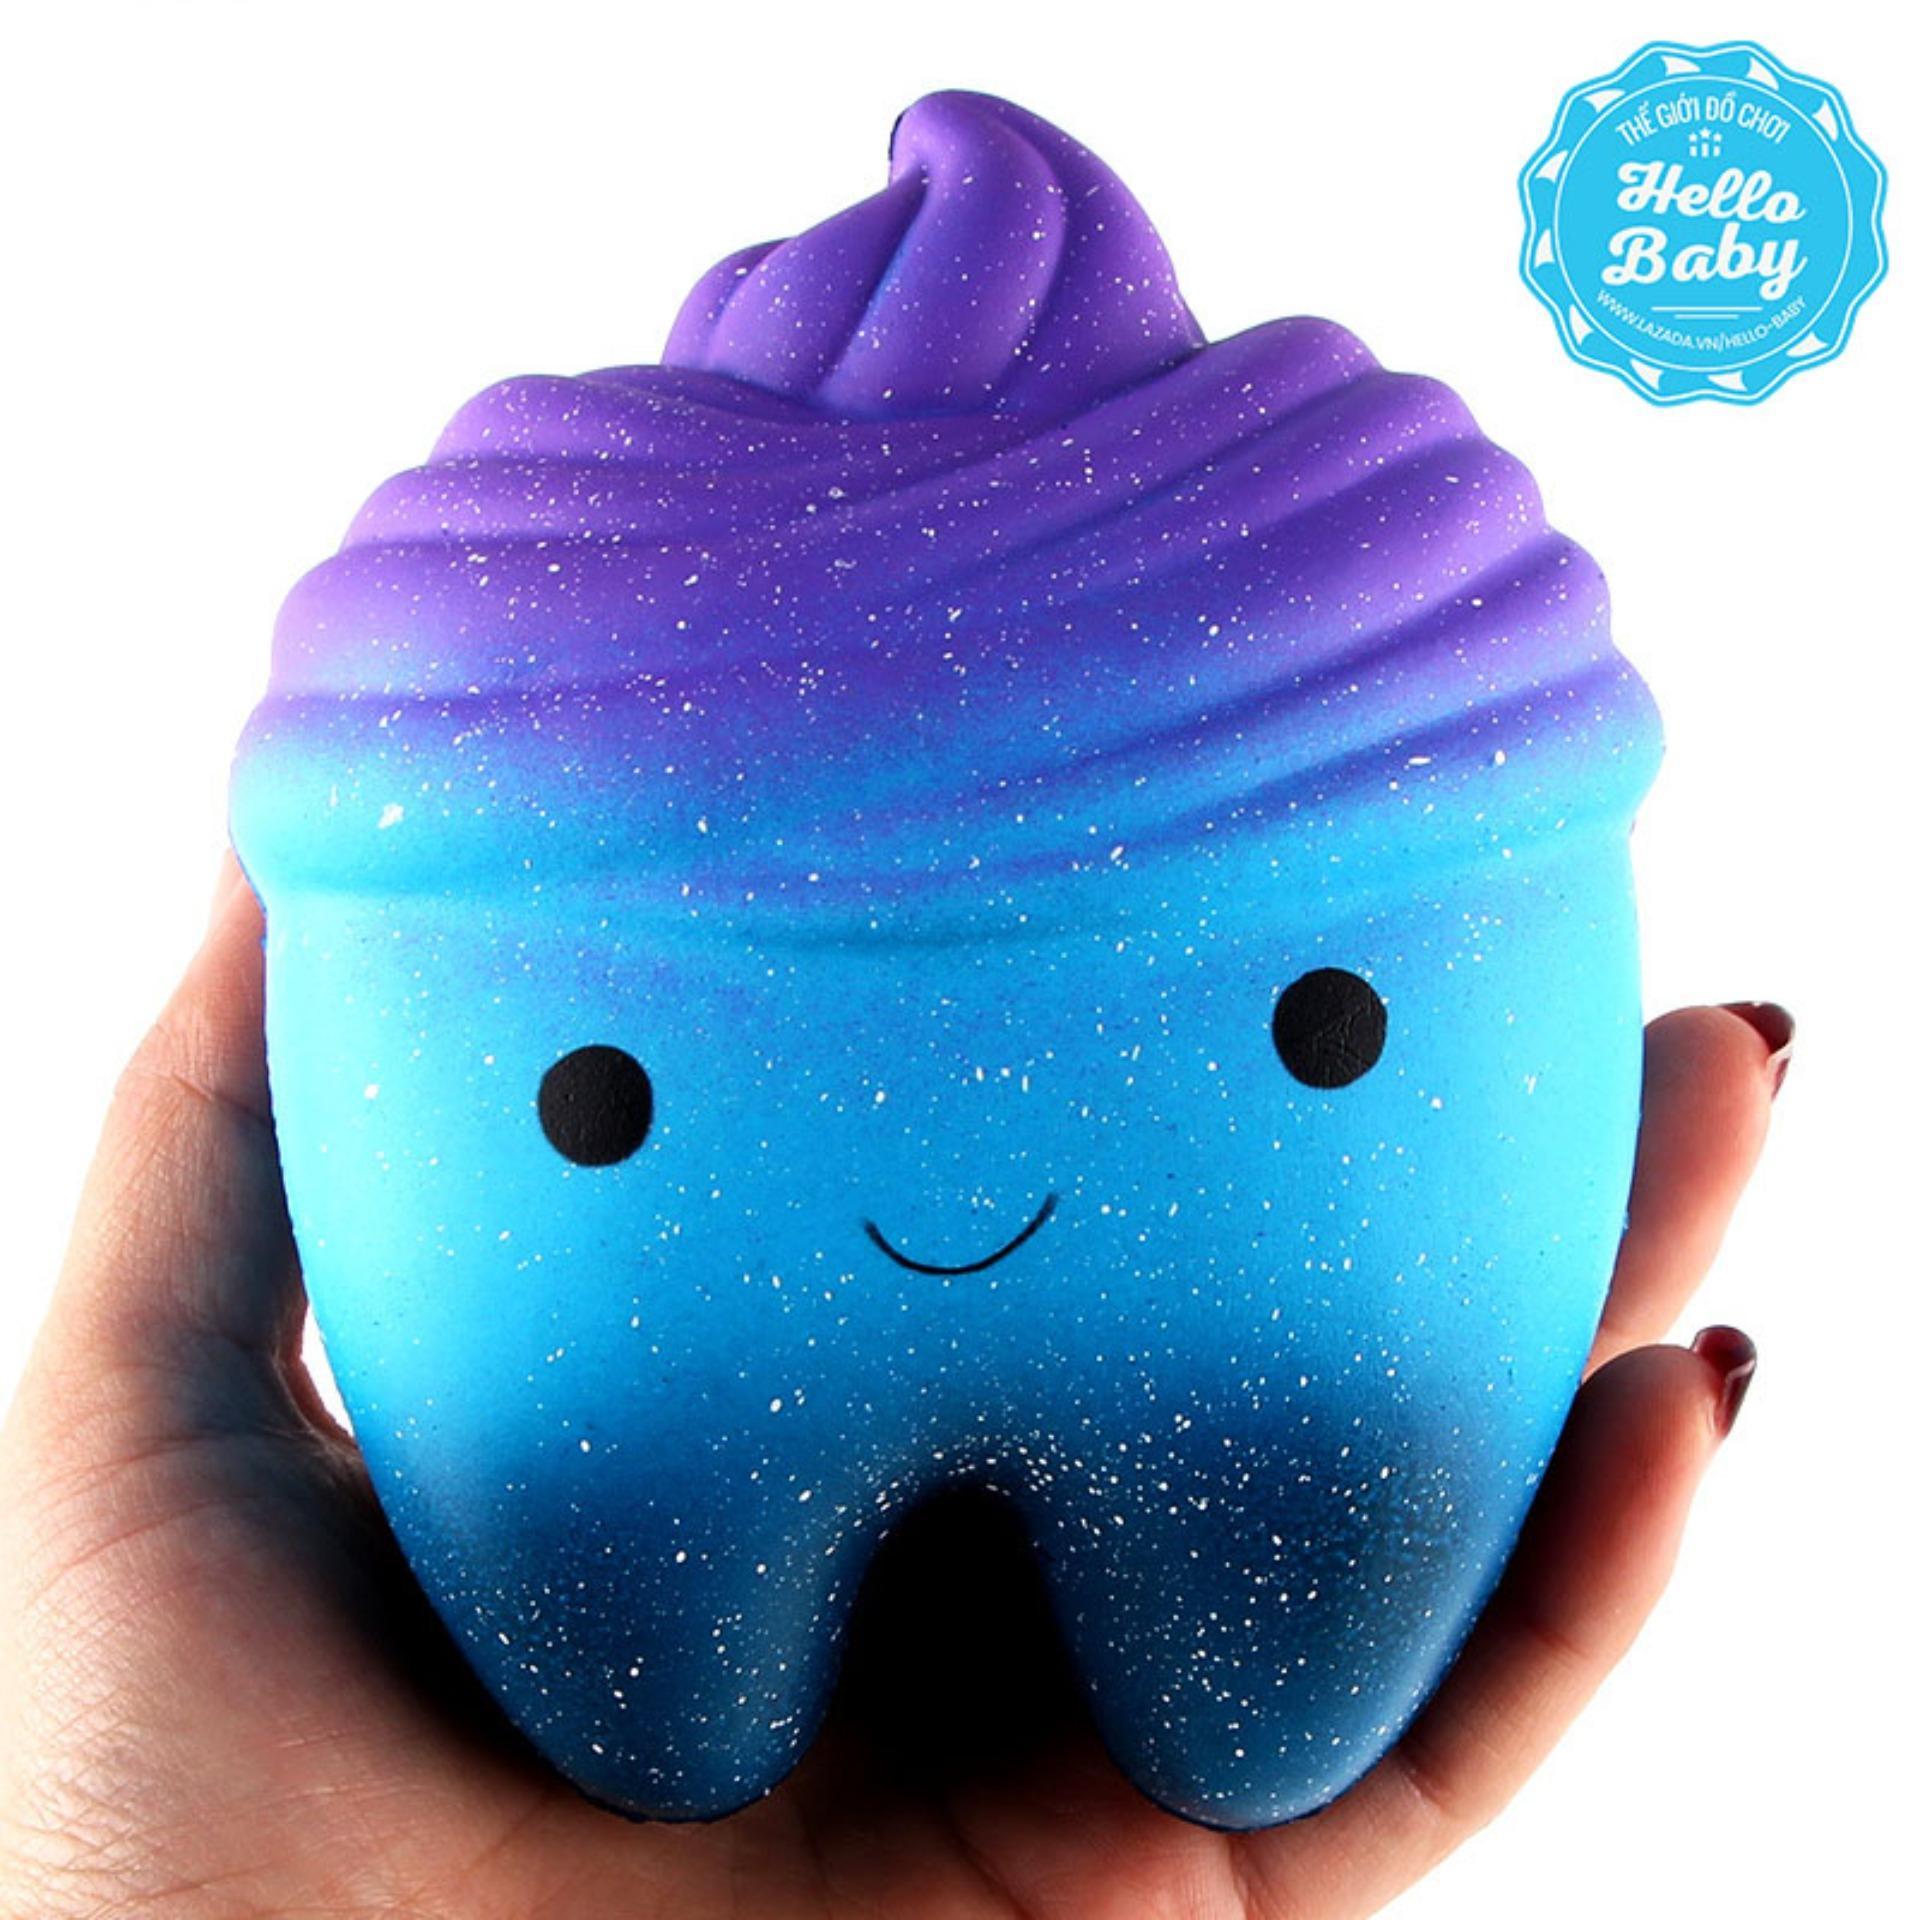 Squishy - Răng galaxy lấp lánh (12x9x7cm) / Hello Baby